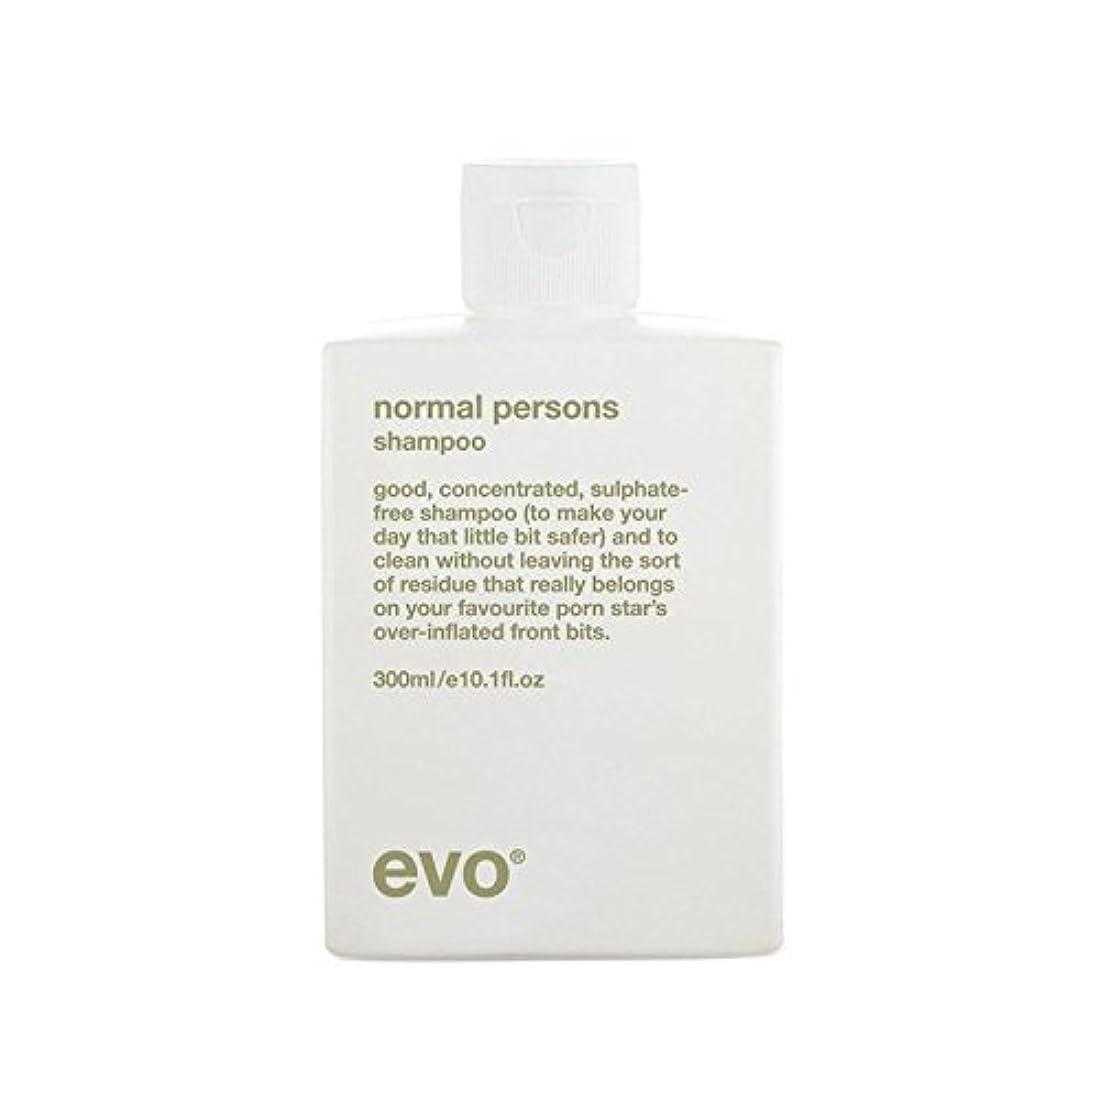 器具統合パパエボ正常人シャンプー(300ミリリットル) x2 - Evo Normal Persons Shampoo (300ml) (Pack of 2) [並行輸入品]